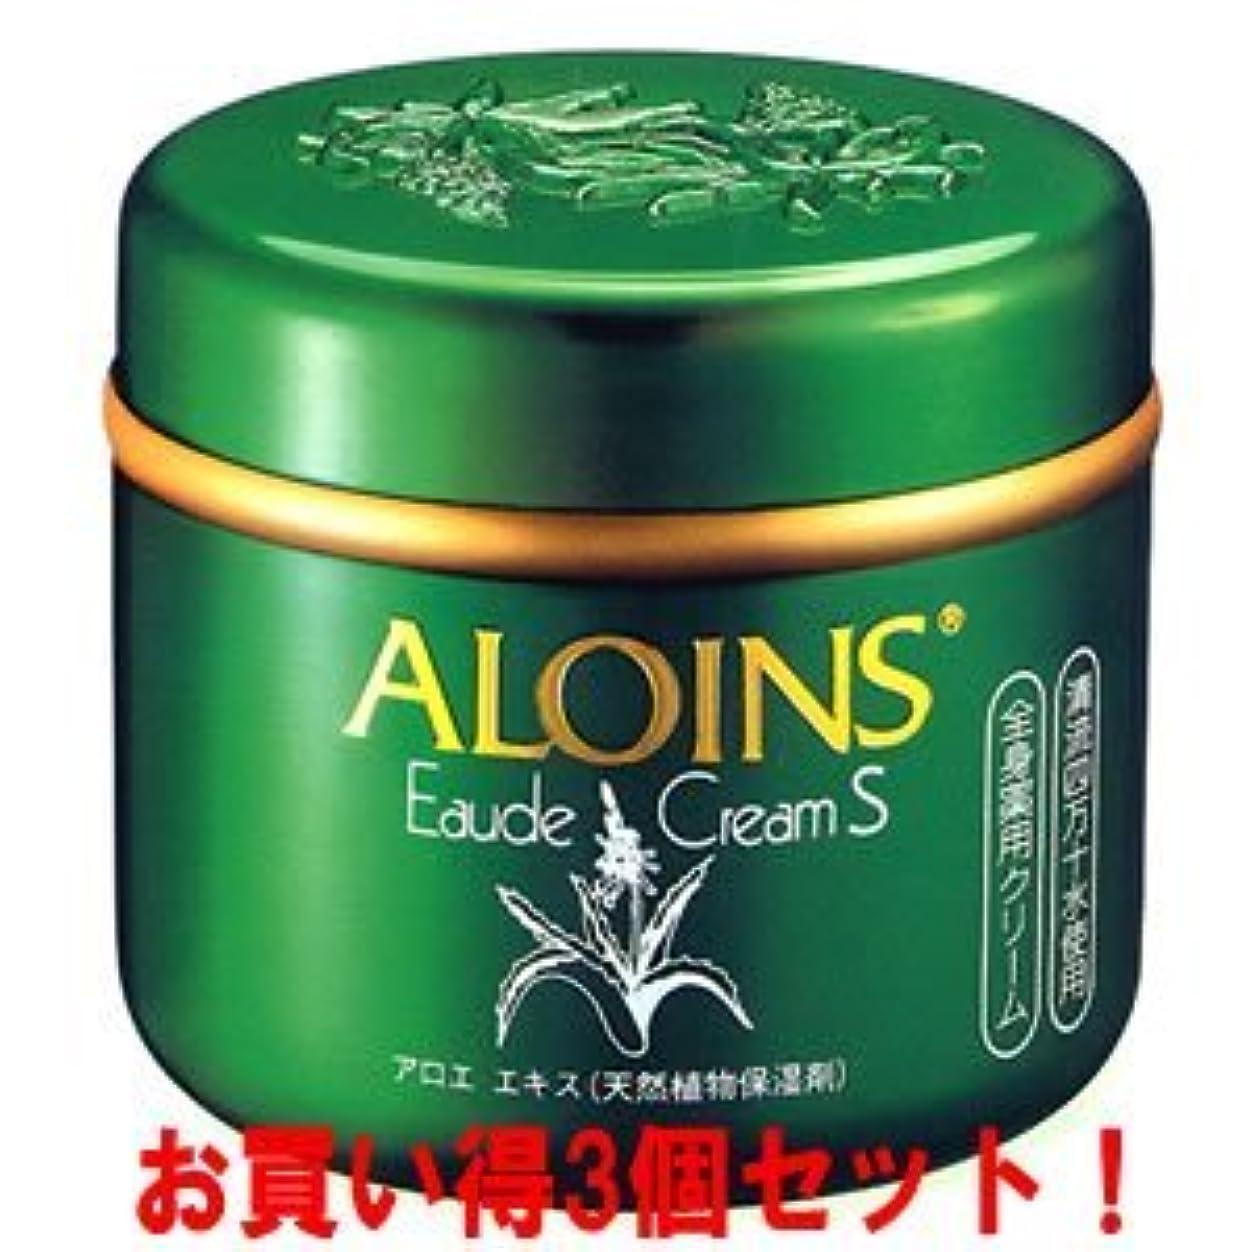 不規則性相互黒(アロインス)アロインス オーデクリームS 185g(医薬部外品)(お買い得3個セット)